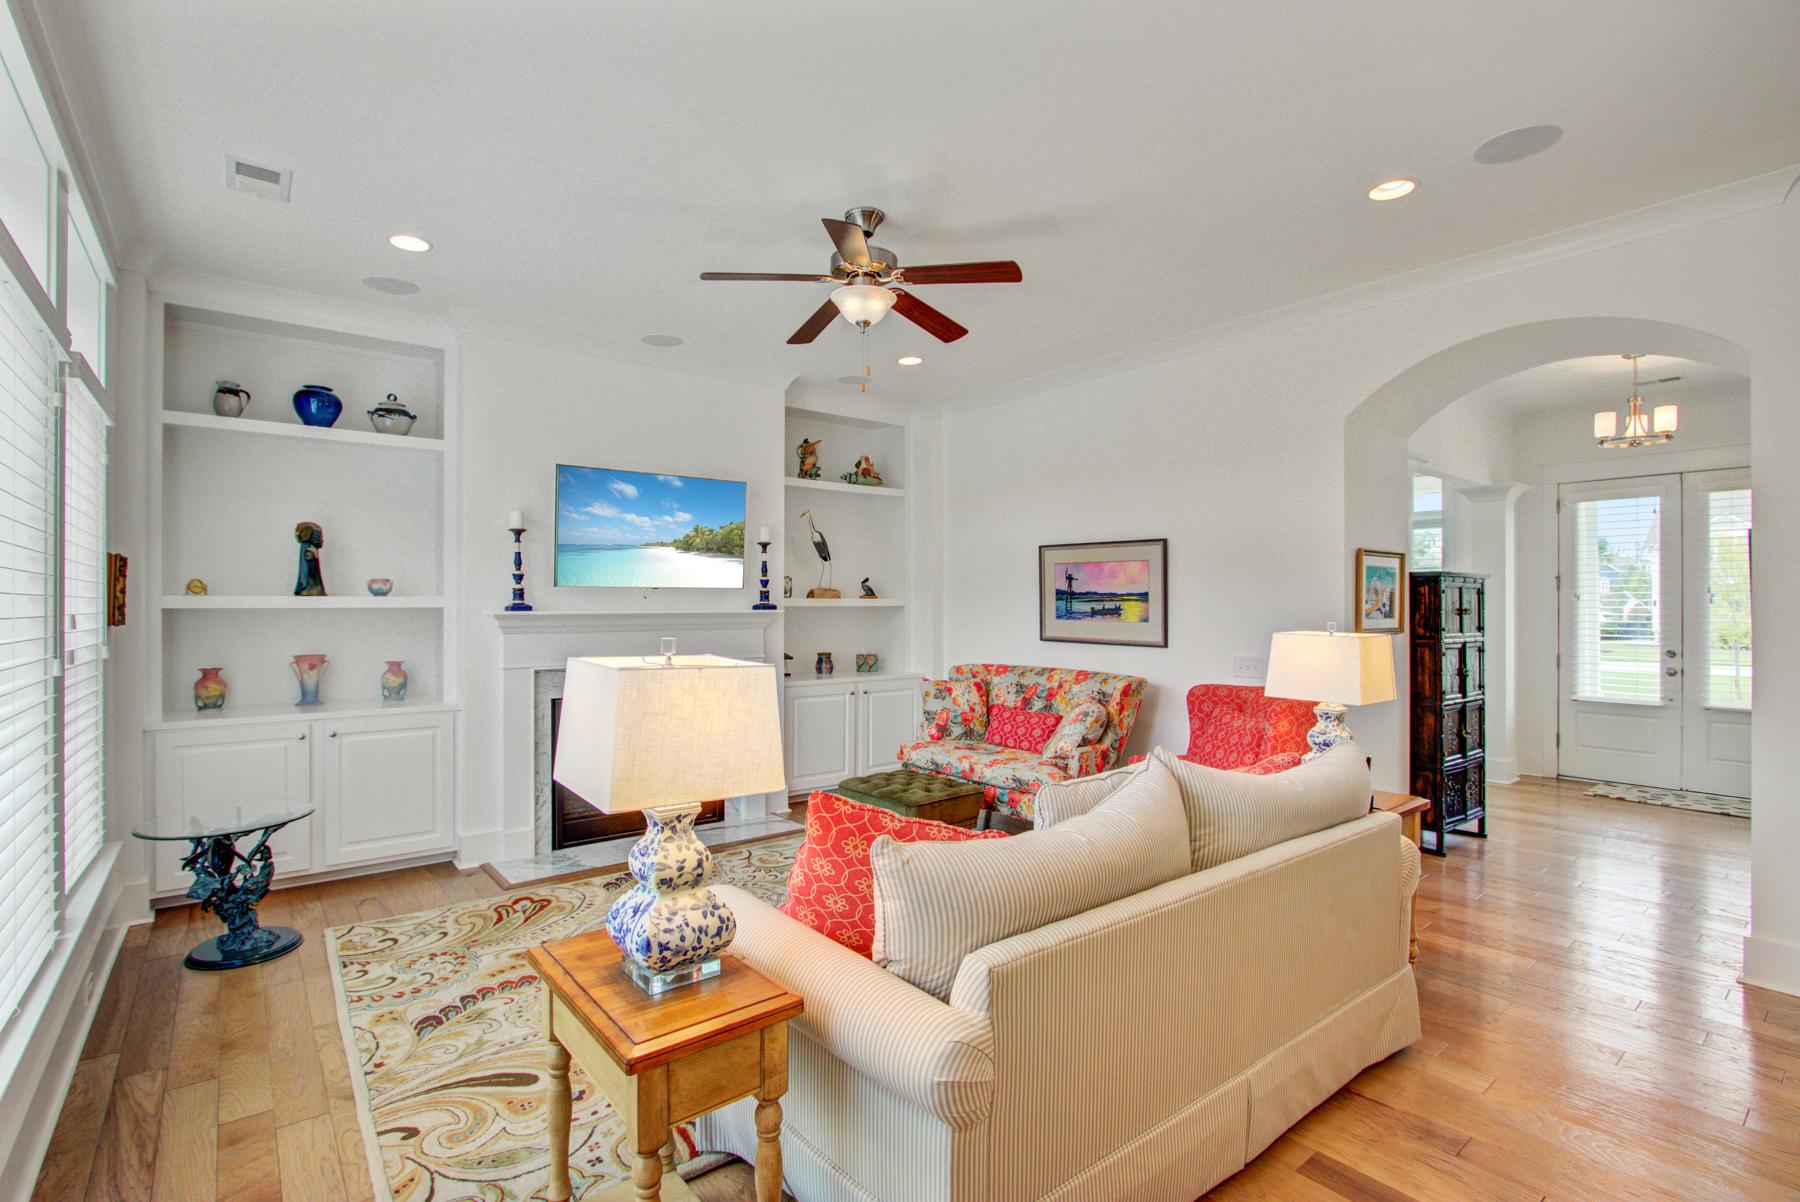 Dunes West Homes For Sale - 2984 Yachtsman, Mount Pleasant, SC - 48